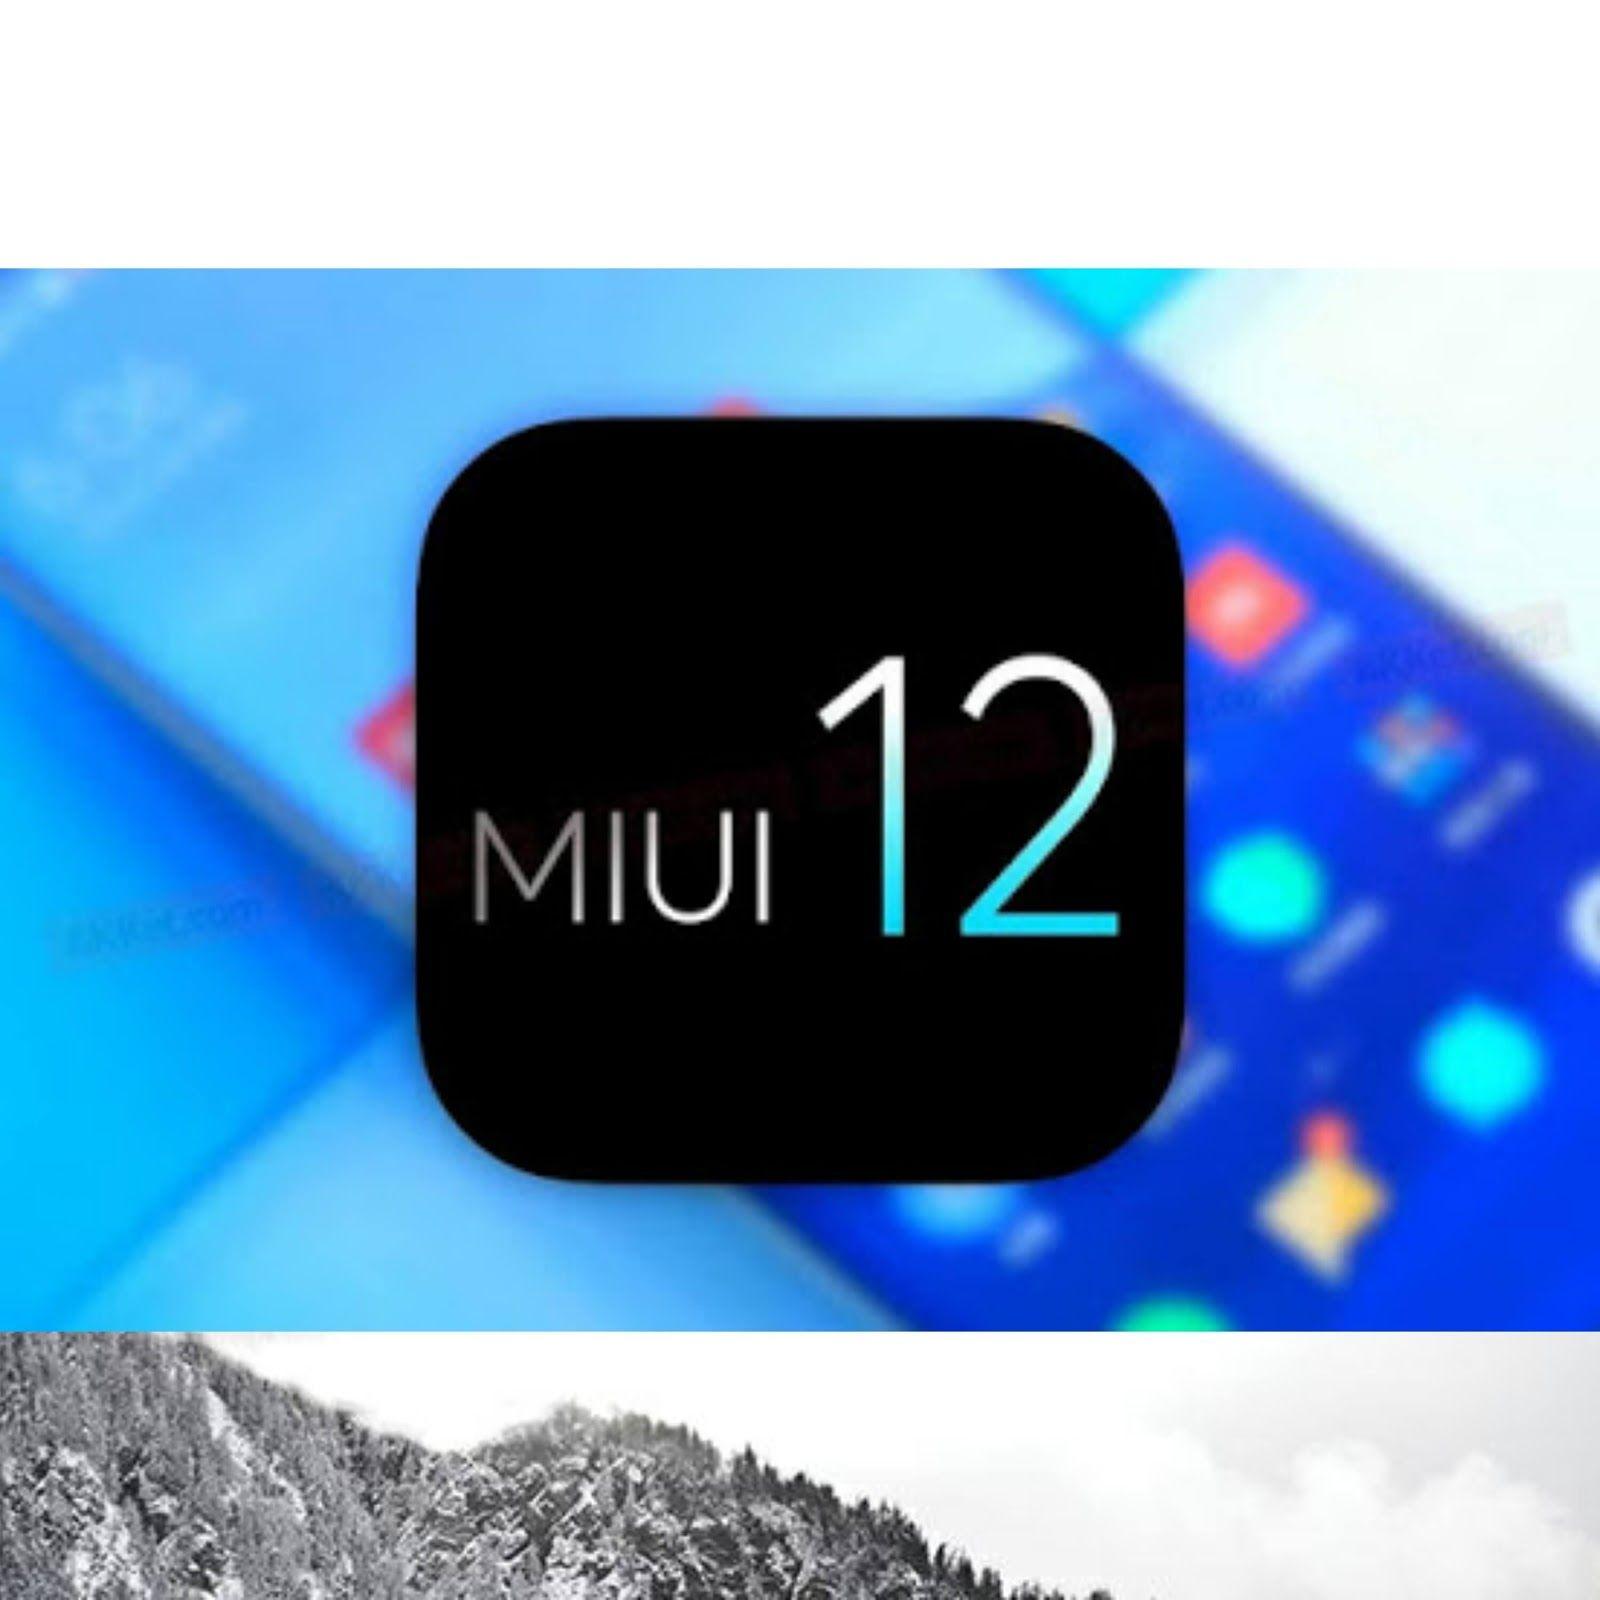 السلام عليكم متابعين موقع ابومريم اليوم سنتعرف علي قائمه الهواتف التي سيصل لها تحديث الواجهه الجديد Miui 12 وذل Streaming Device Apple Tv Electronic Products